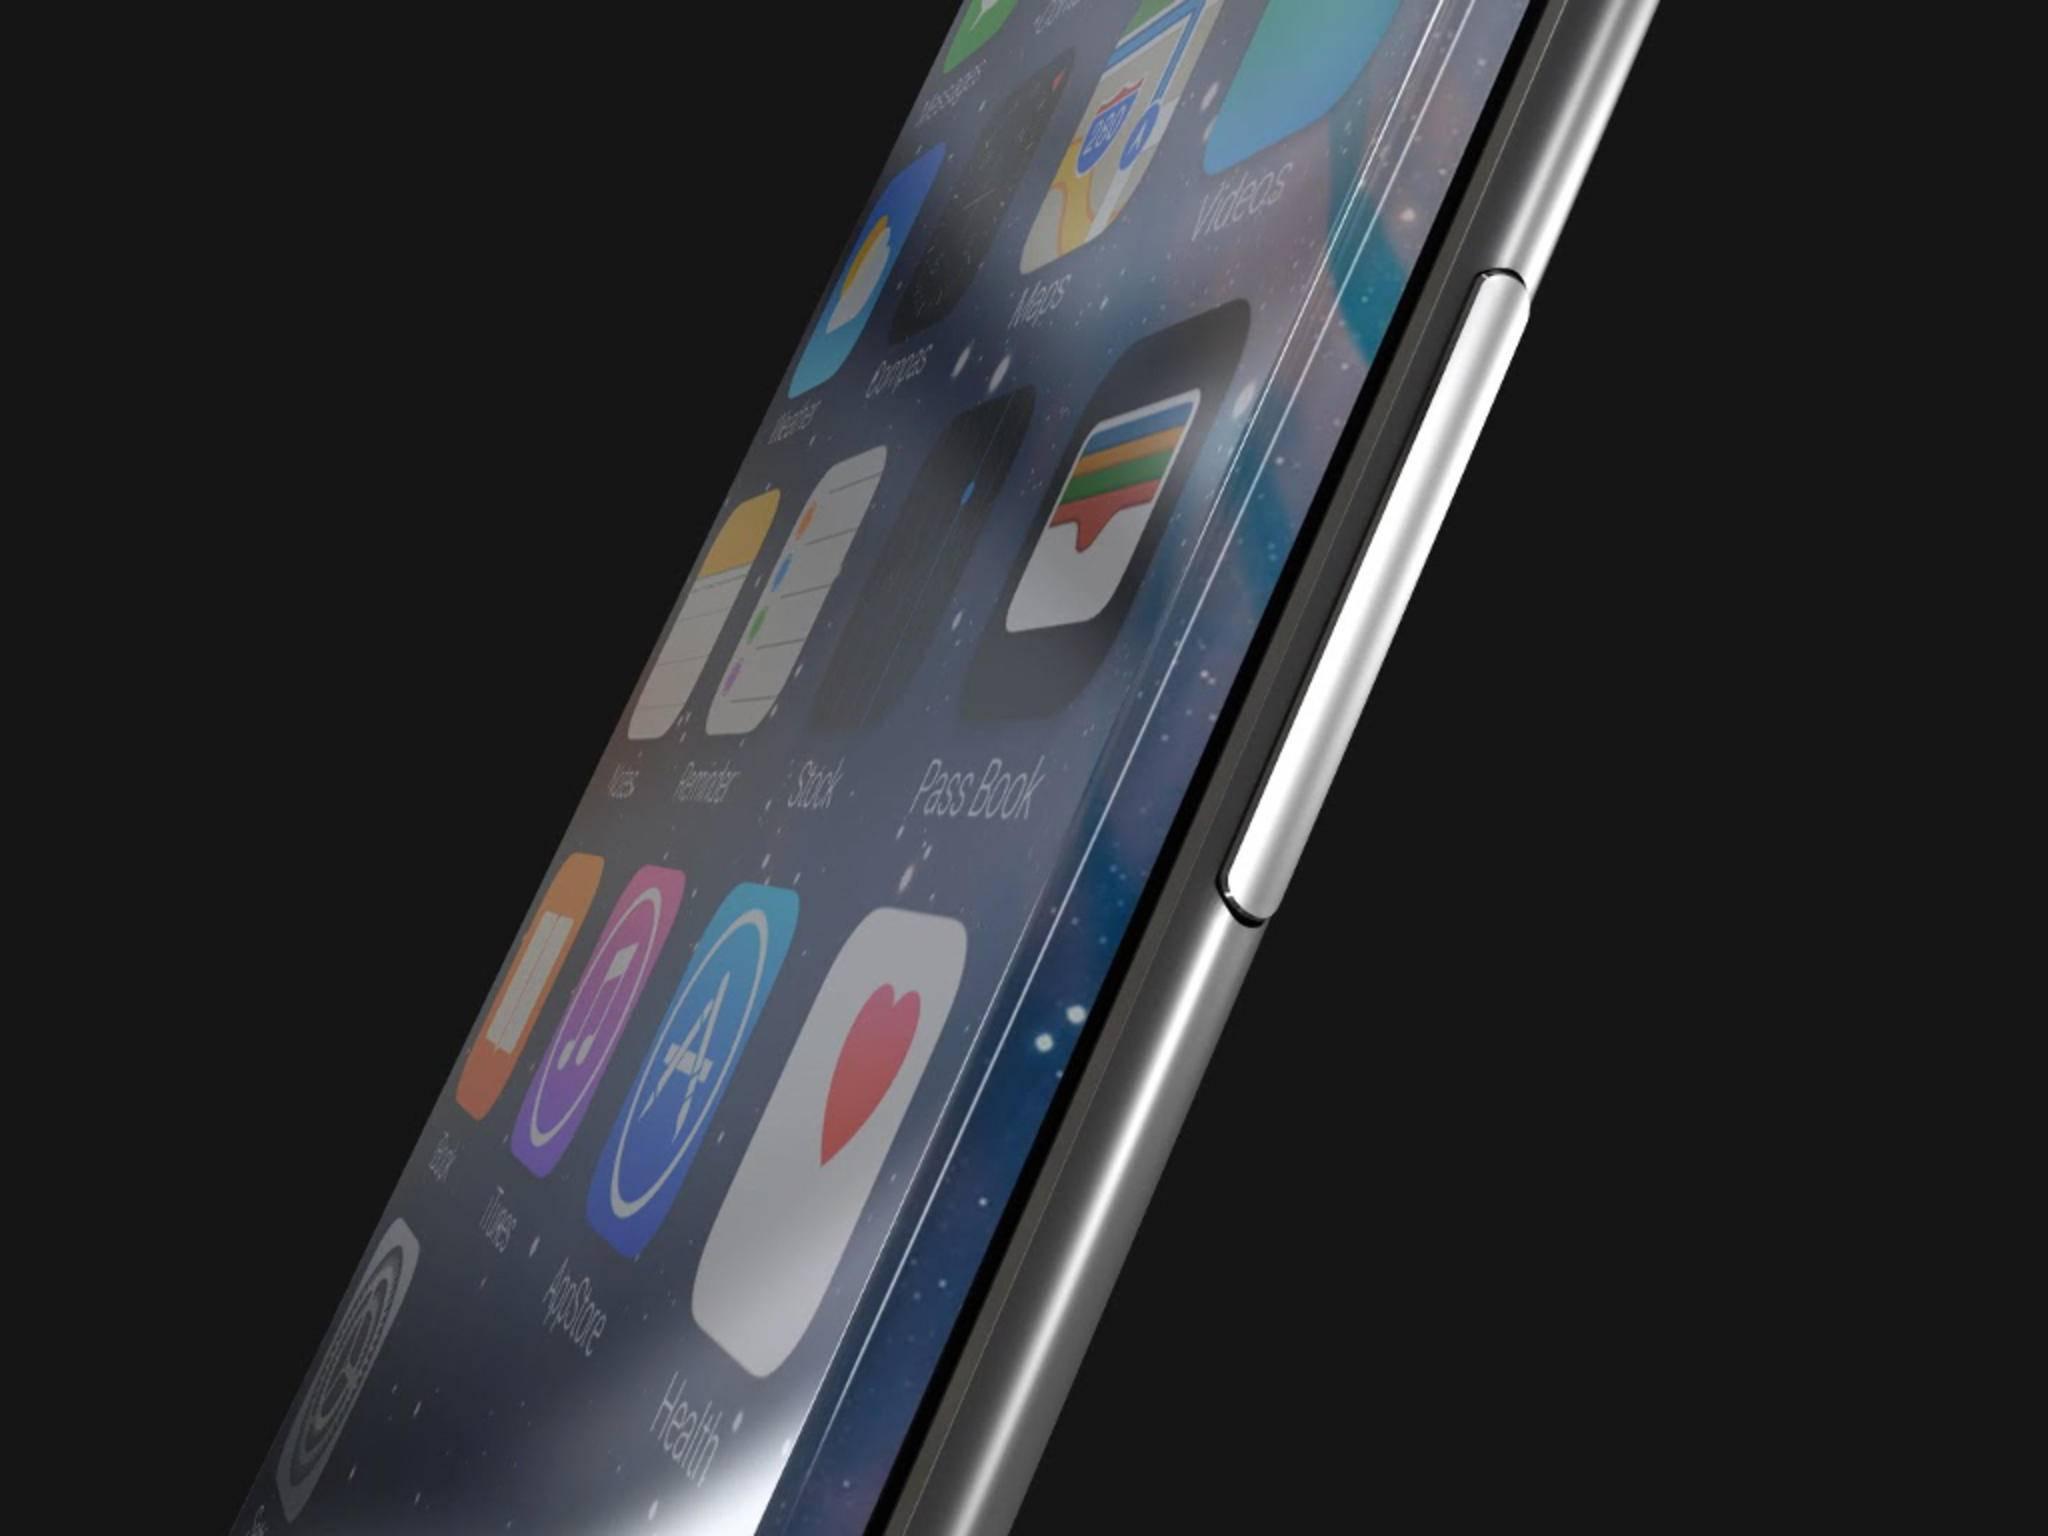 Zum iPhone 7 kursieren unzählige Gerüchte und Konzepte.